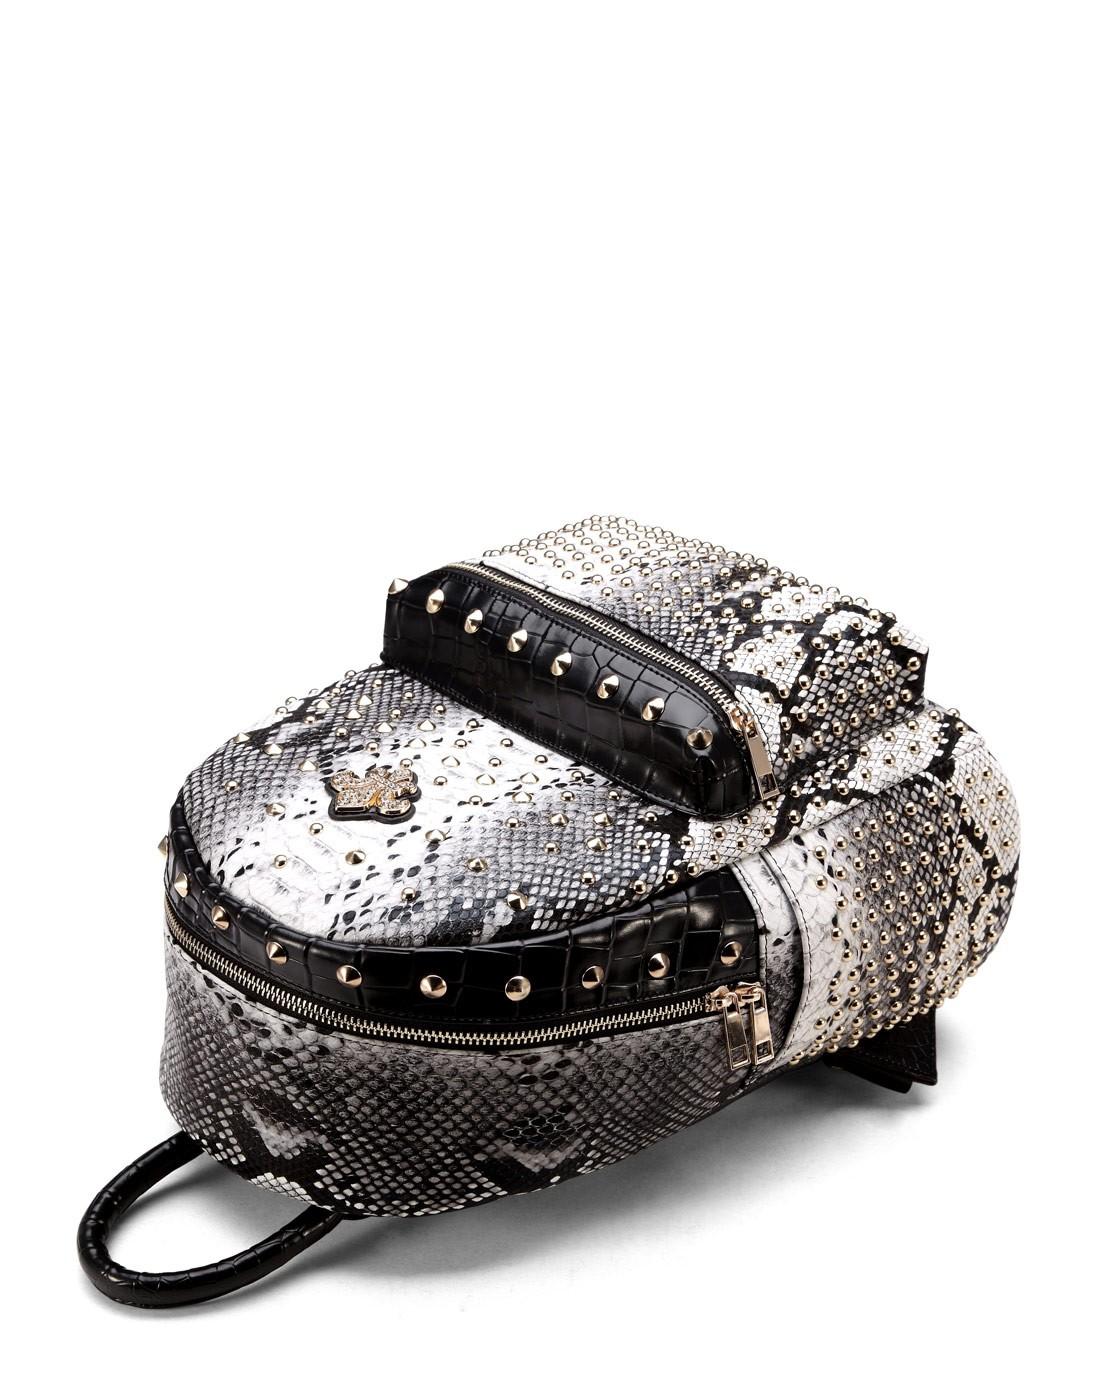 黑色蛇纹奢华铆钉时尚双肩包